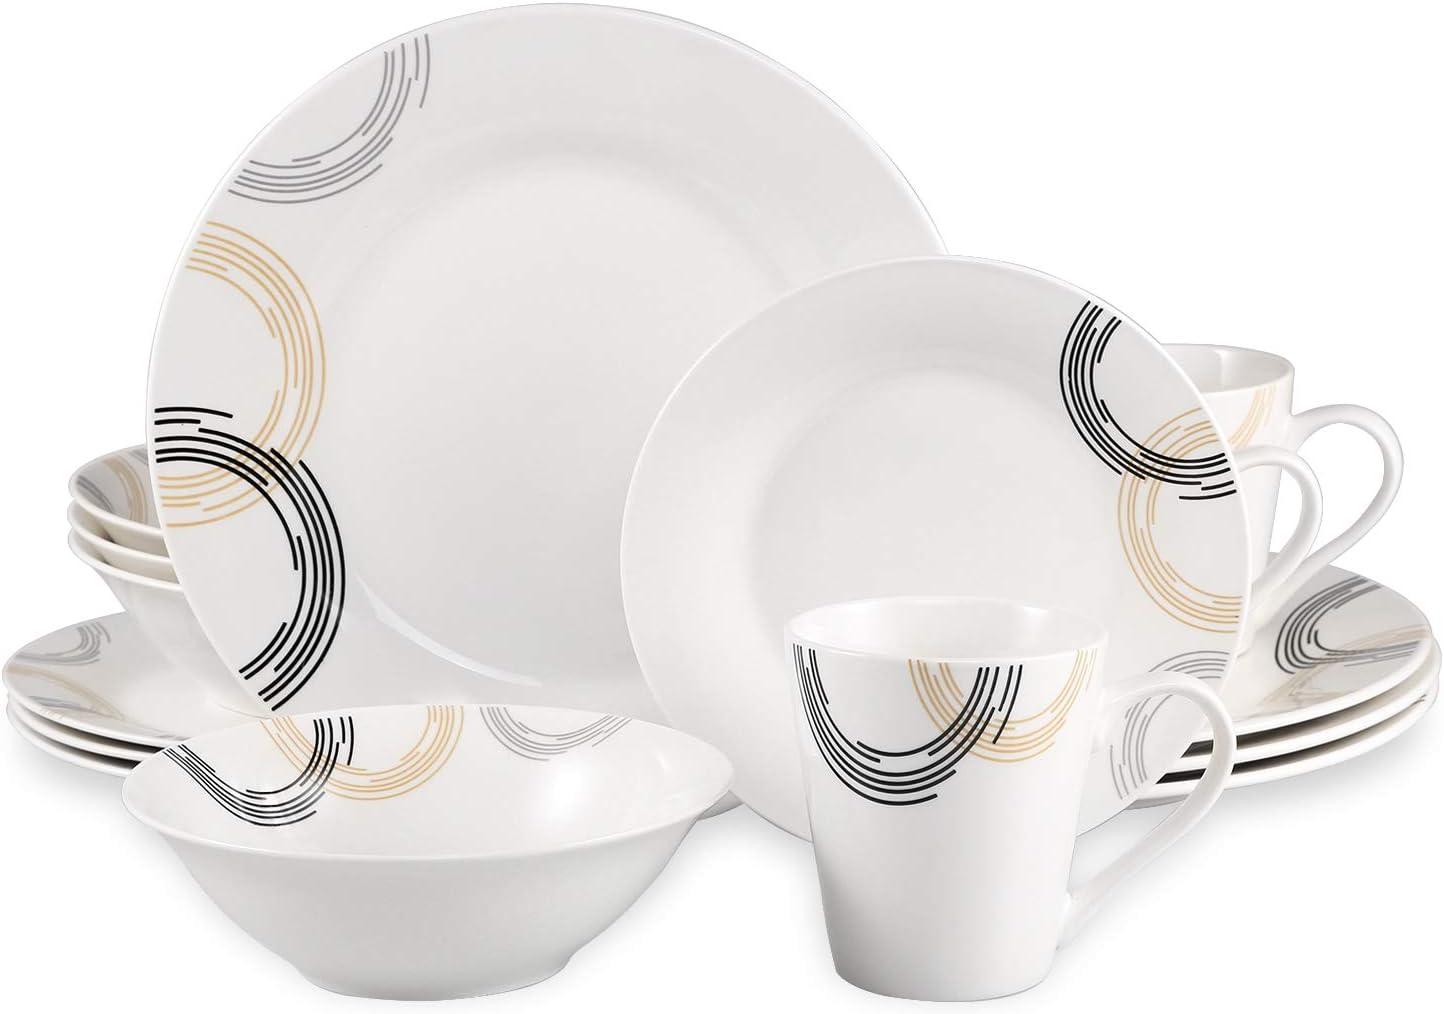 Tasses Imprim/é 1 Cutiset Service de Table 16 pi/èces pour 4 Personnes Vaisselle en Porcelaine avec 4 Assiettes /à Dessert Bols